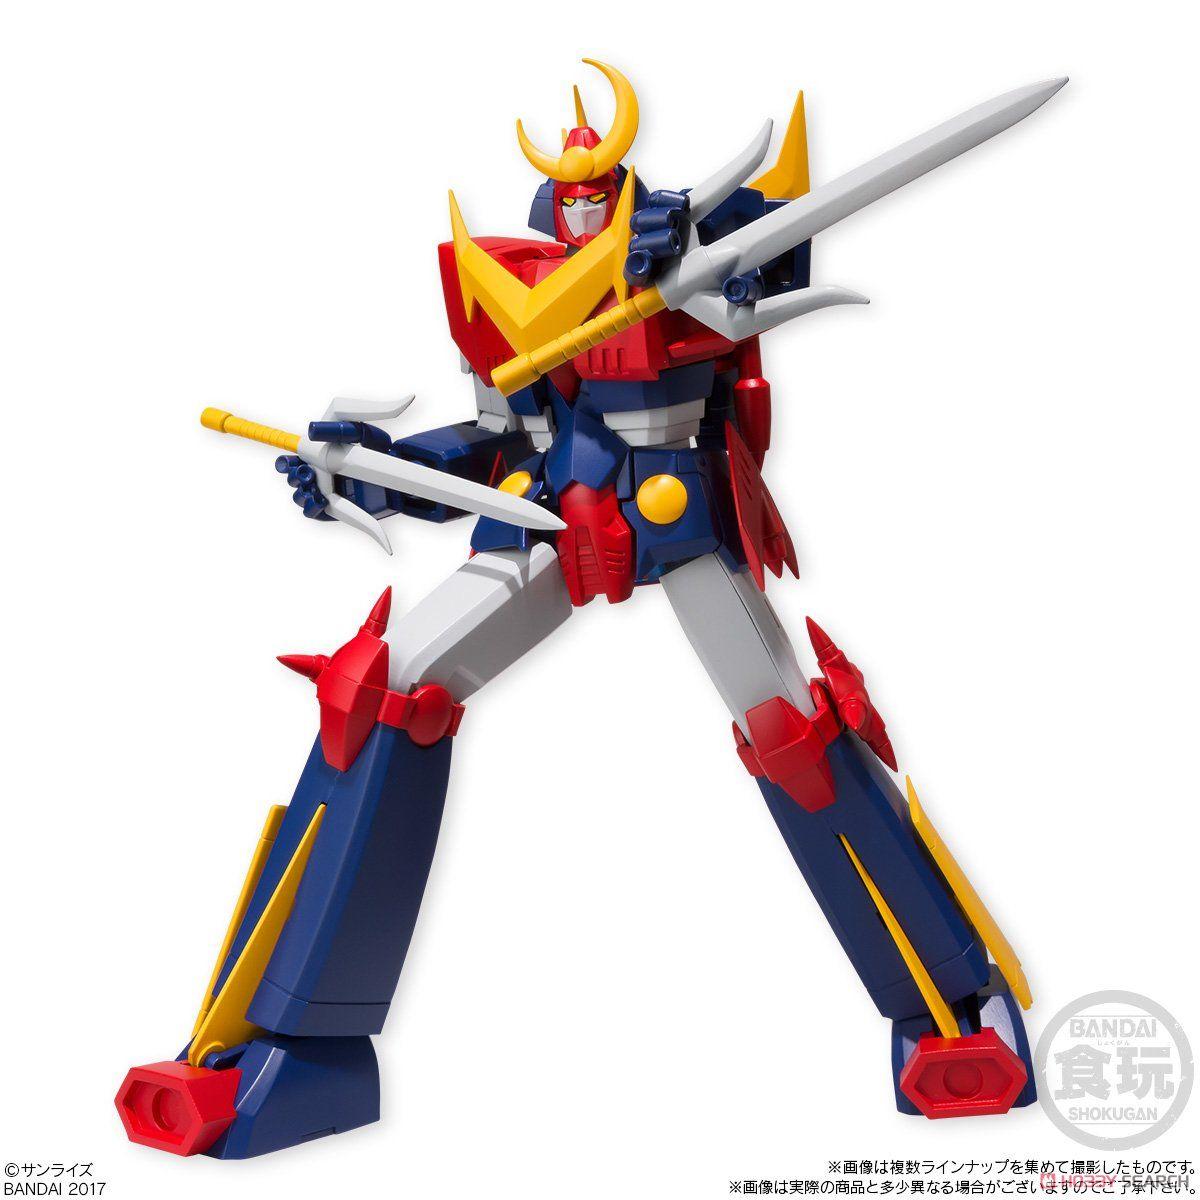 Super Mini Pla Invincible Super Man Zambot 3 (Set of 4) (Shokugan)